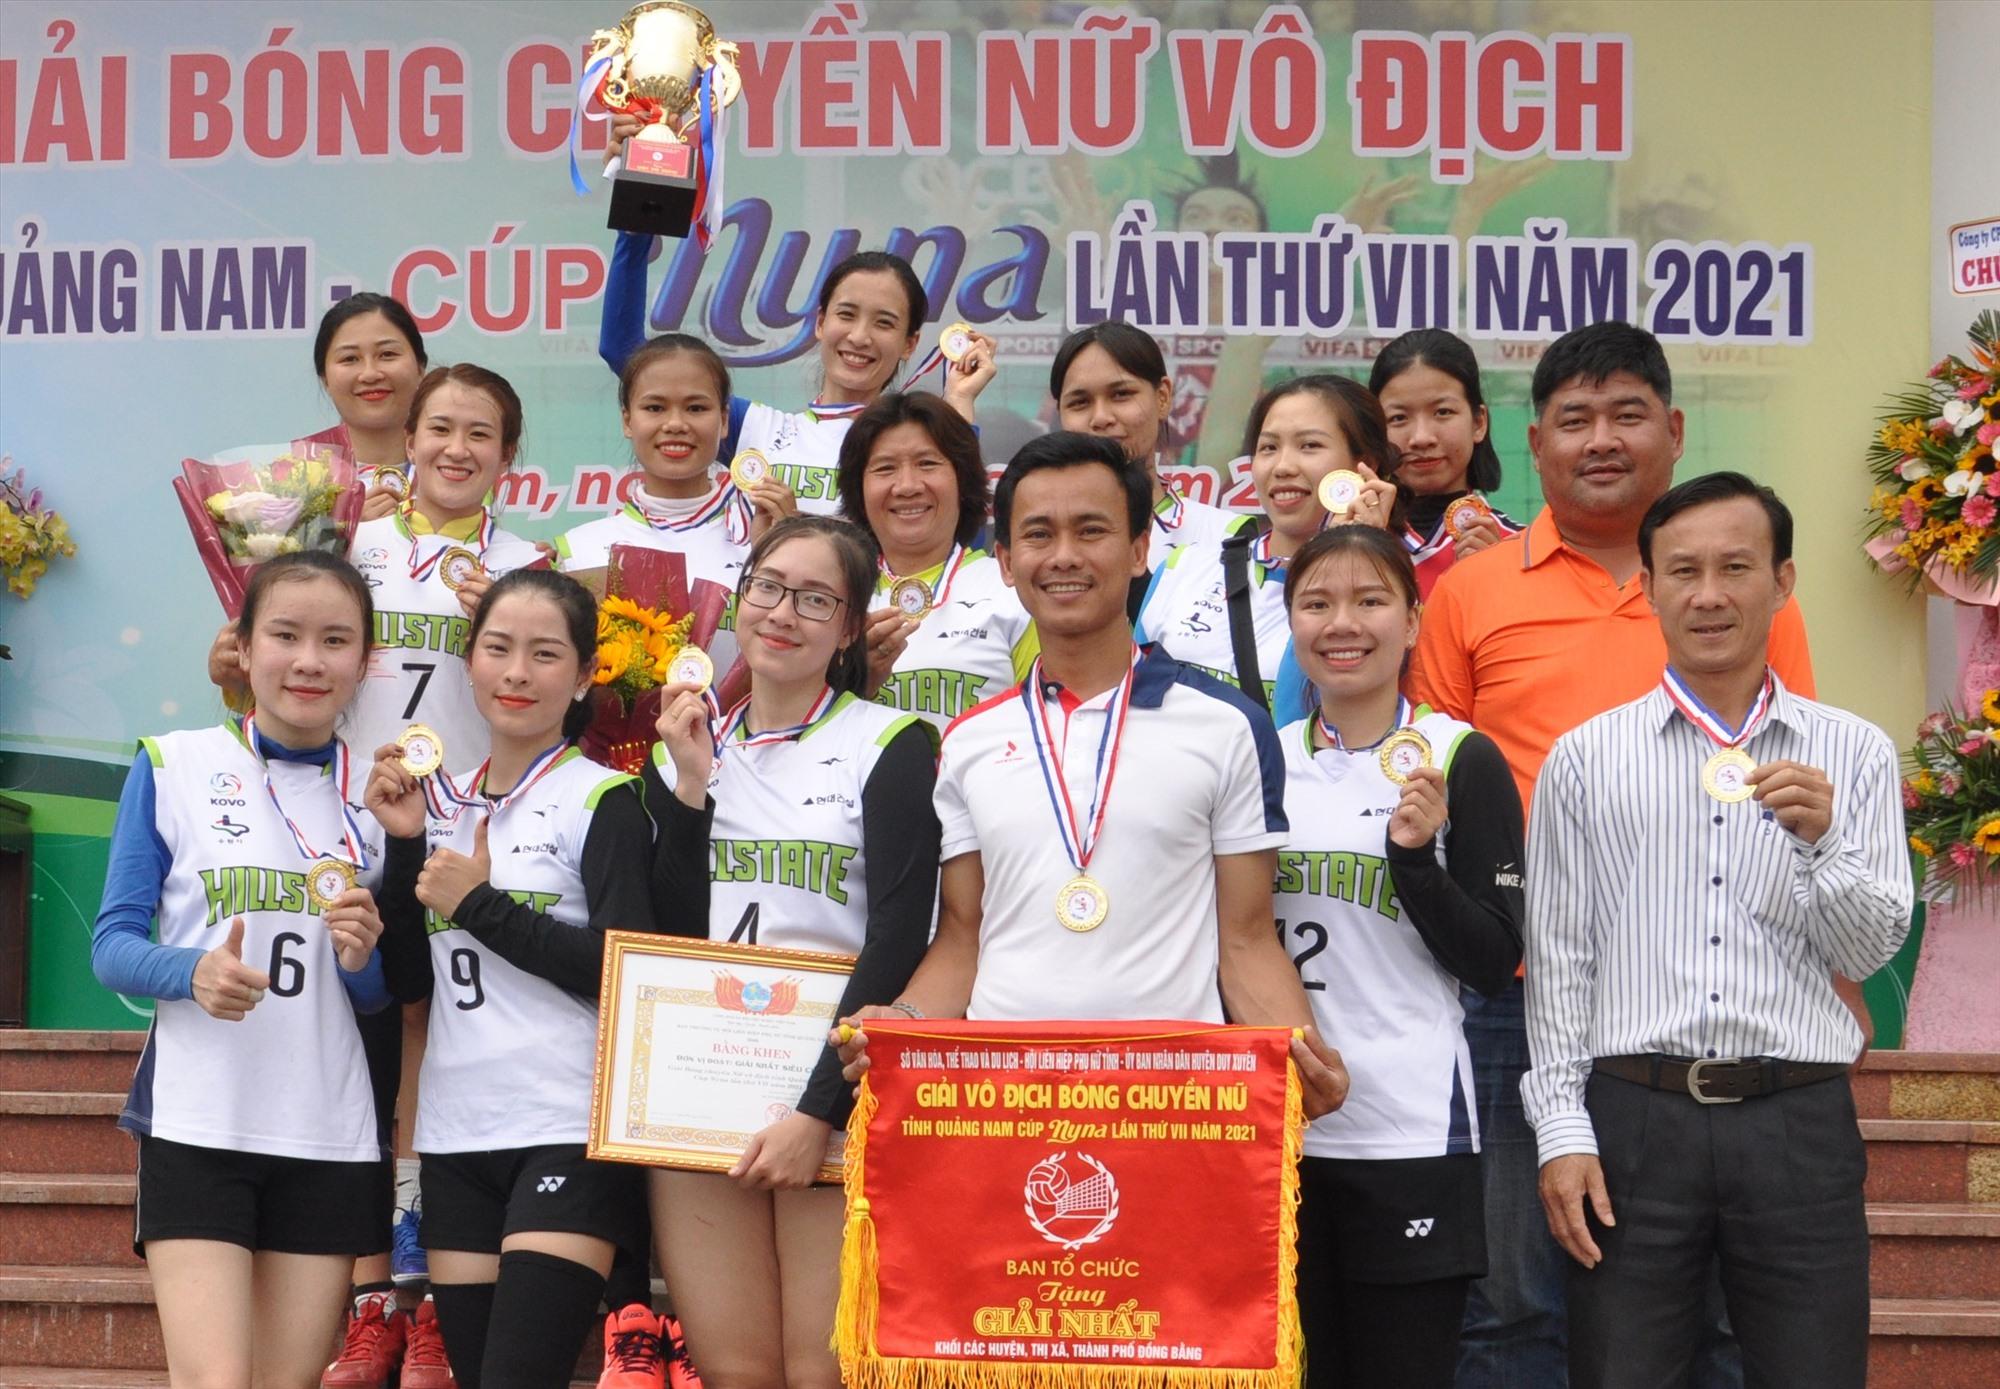 Niềm vui đoạt chức vô địch giải Bóng chuyền nữ tỉnh Quảng Nam năm 2021 của đội bóng chuyền nữ Tam Kỳ. Ảnh: A.Sắc